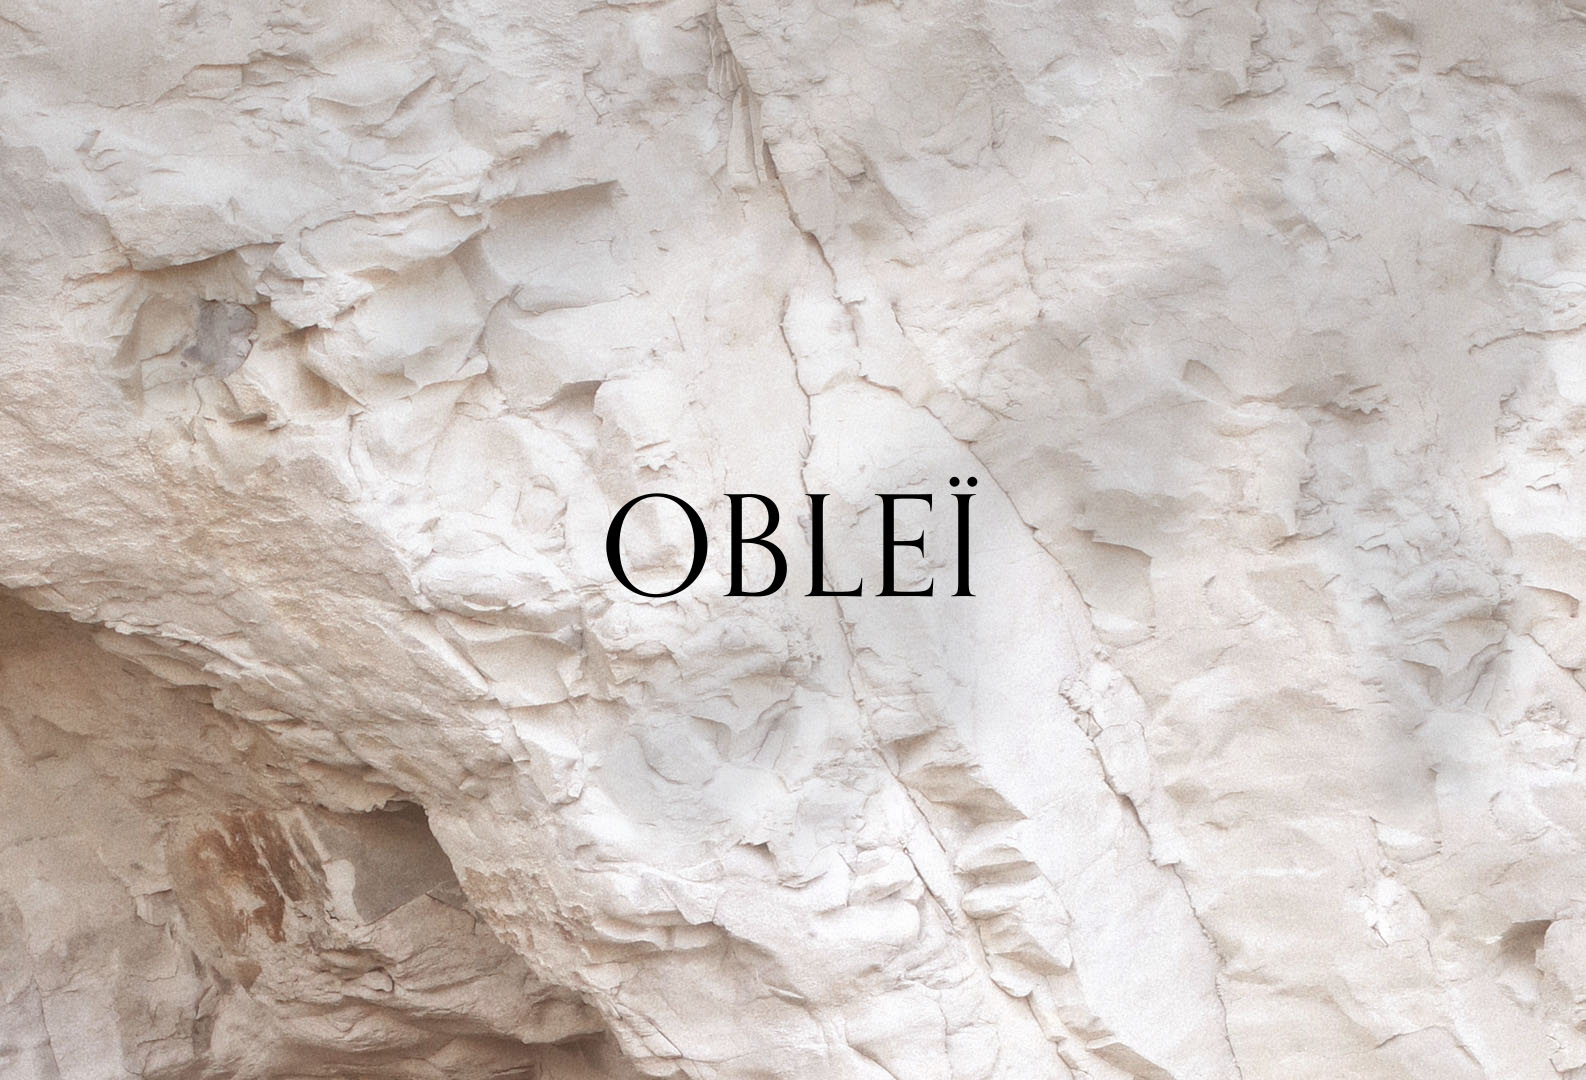 Oblei_skinfood3Artboard-1